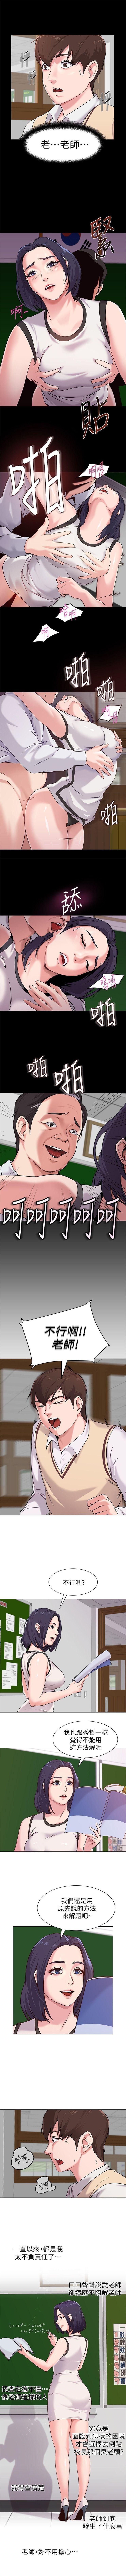 (周3)老师 1-56 中文翻译(更新中) 23